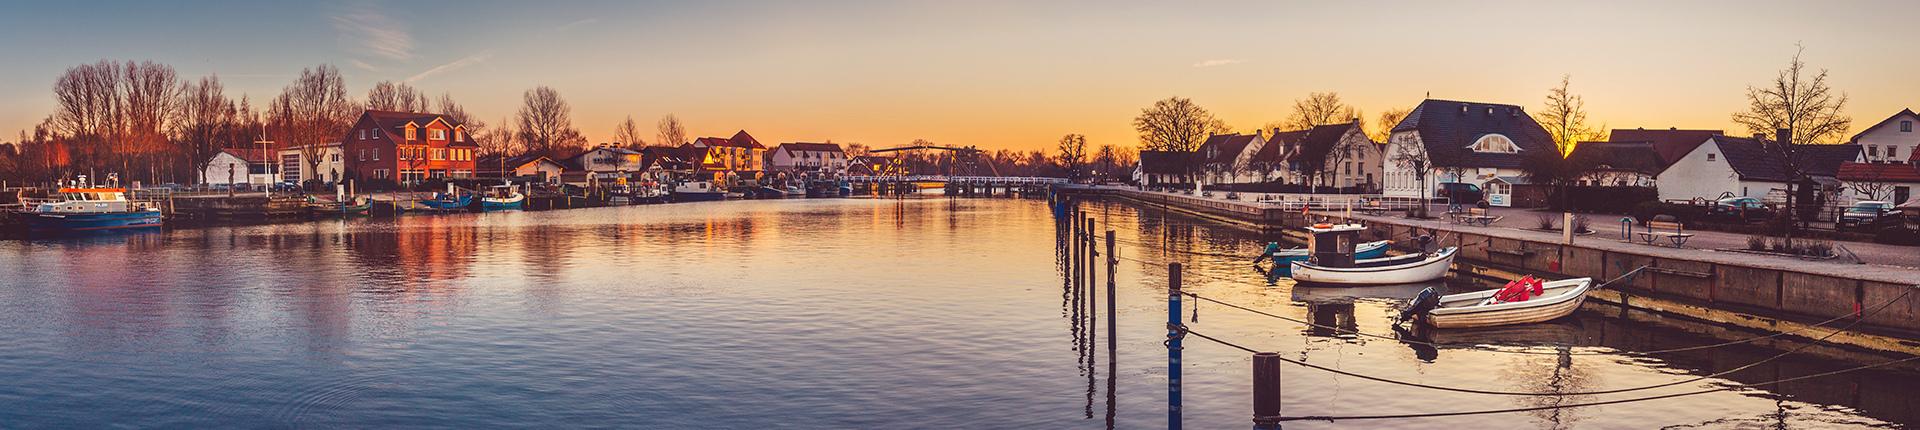 Abendstimmung im Fischerdorf Wieck © Wally Pruß